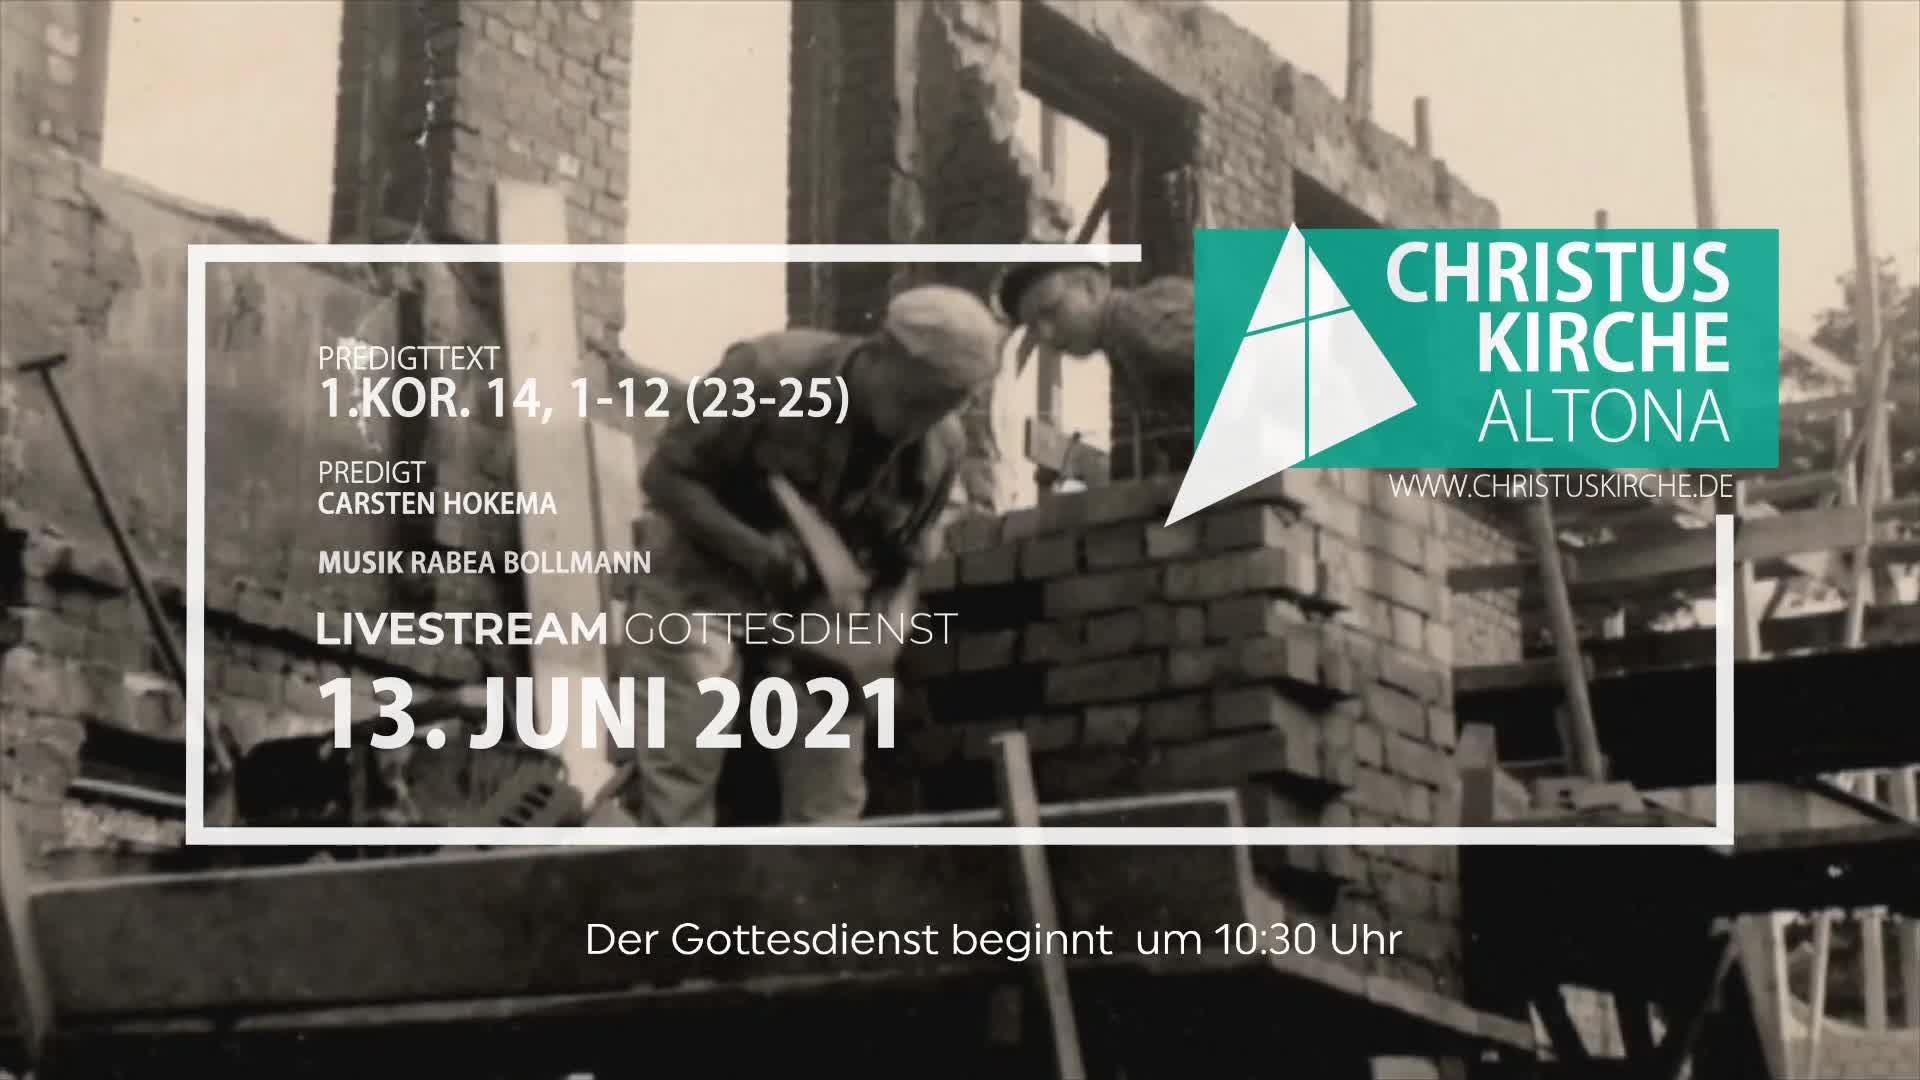 Gottesdienst - am 13. Juni - Livestream aus der Christuskirche Altona